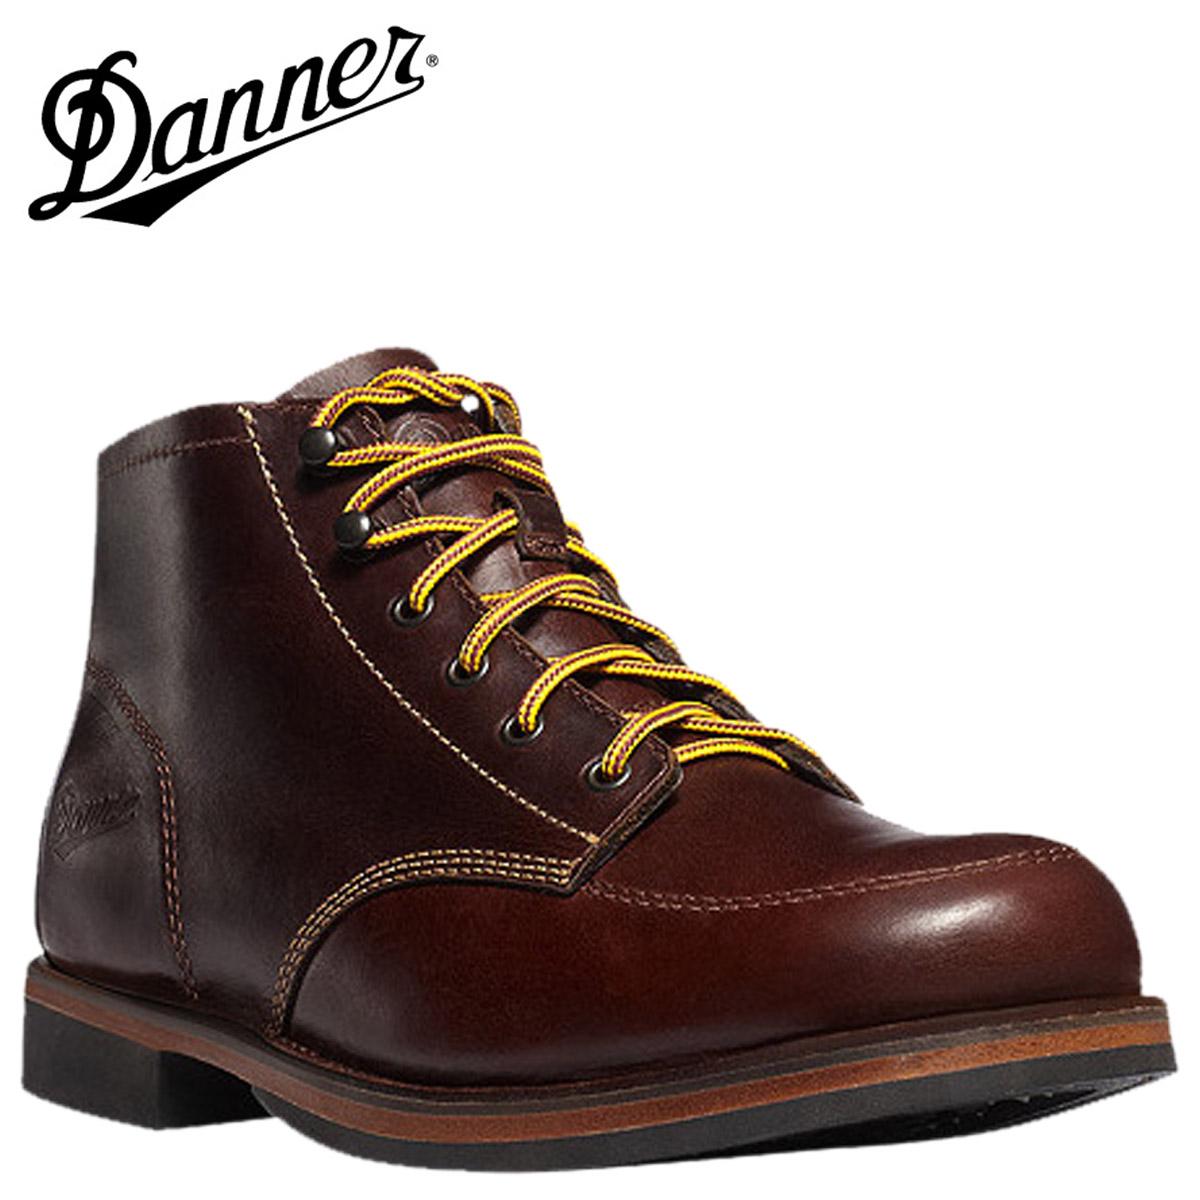 SneaK Online Shop | Rakuten Global Market: Danner Danner Danner ...